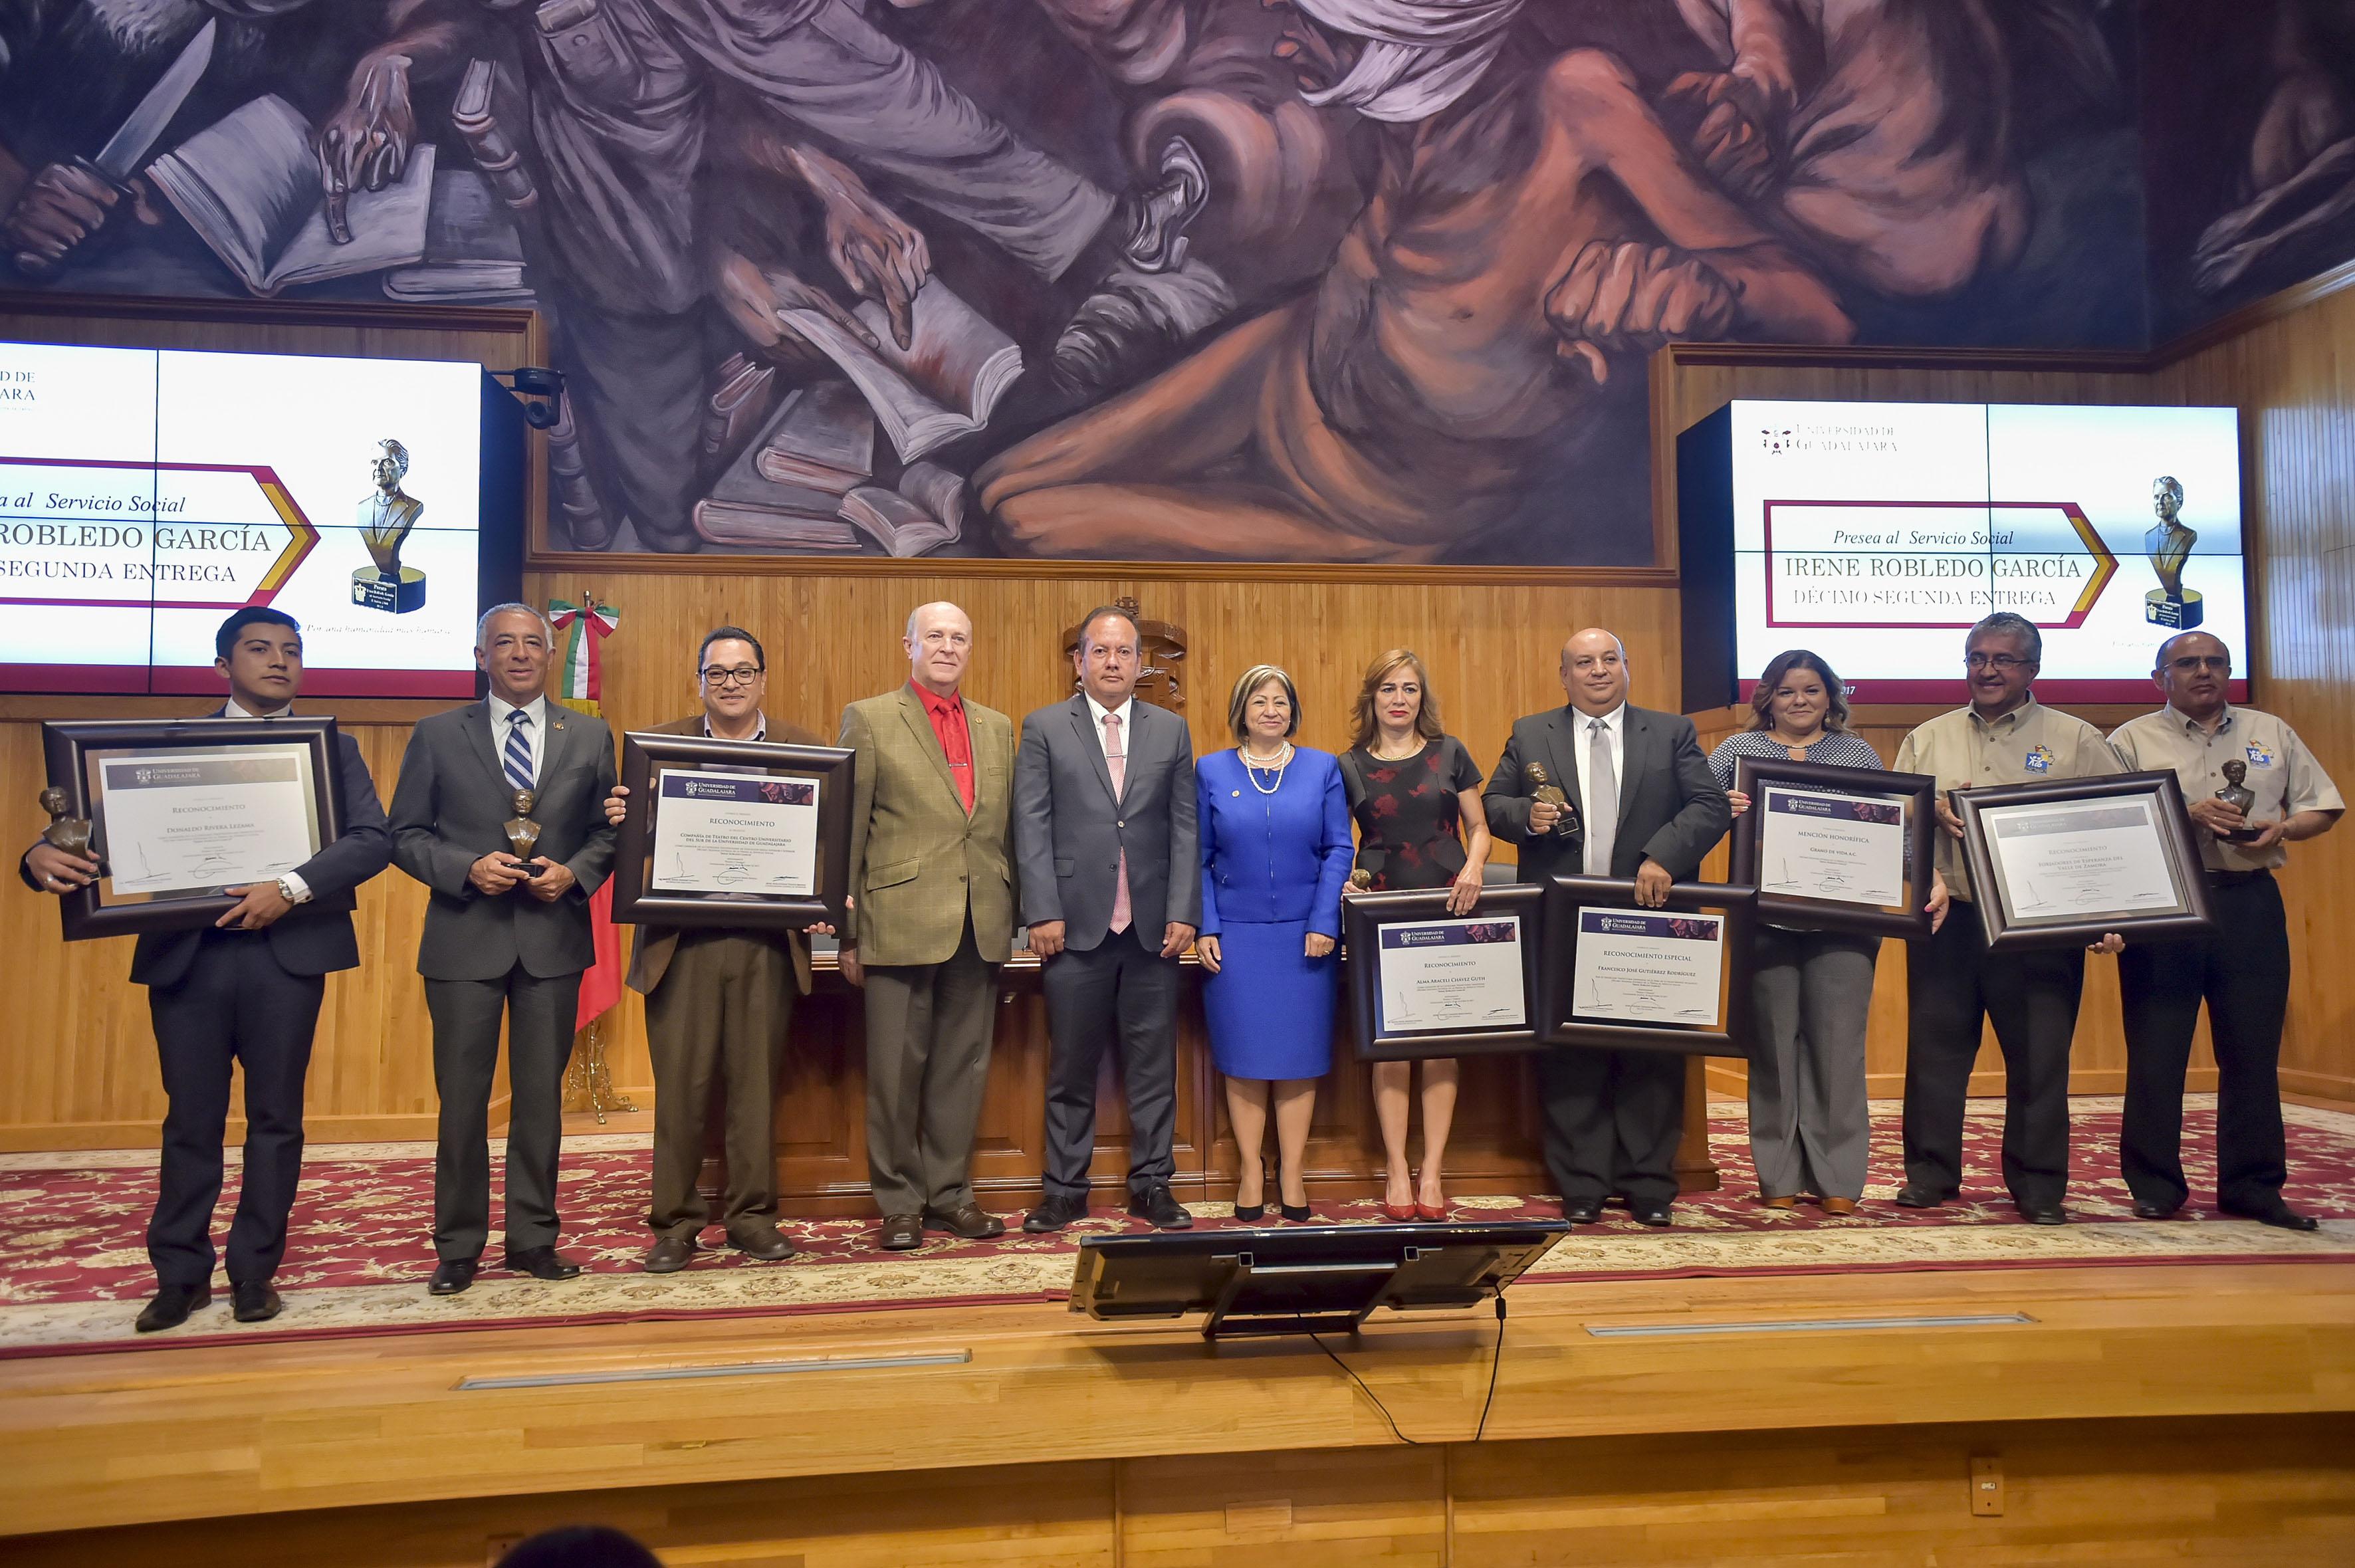 Galardonados con la Presea Irene Robledo García y autoridades universitarias